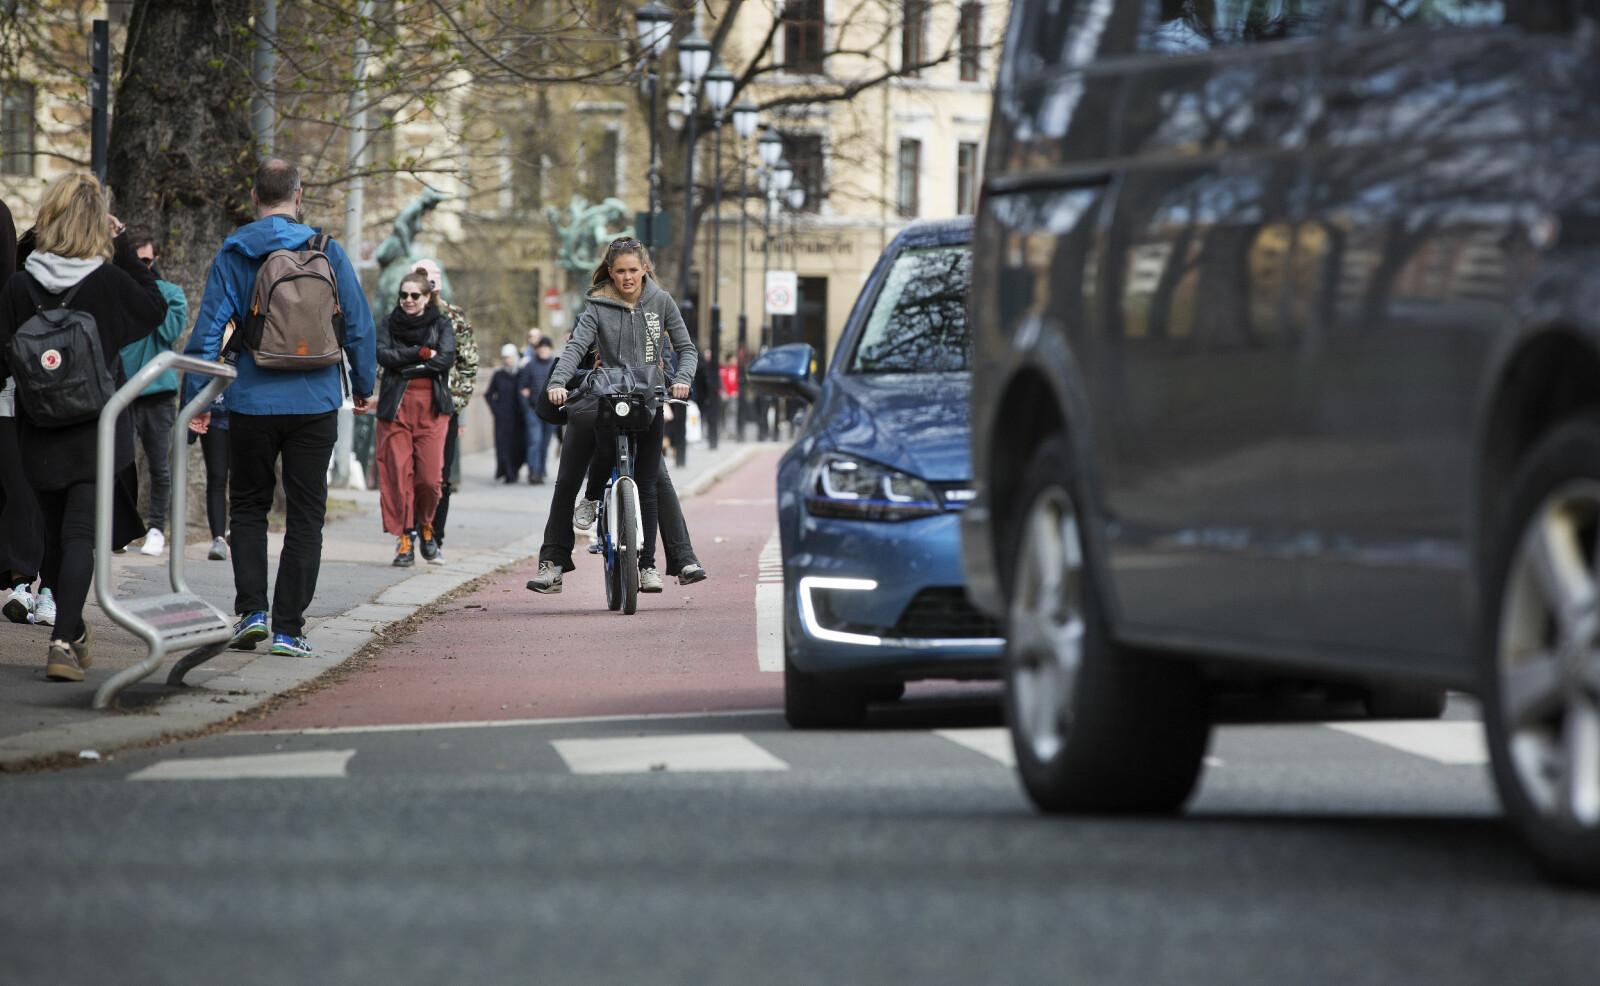 TRANGT: Det vil koste 60 milliarder kroner å bygge et sammenhengende gang- og sykkelveinett i de ni største byene. Foto: Sverre Christian Jarild